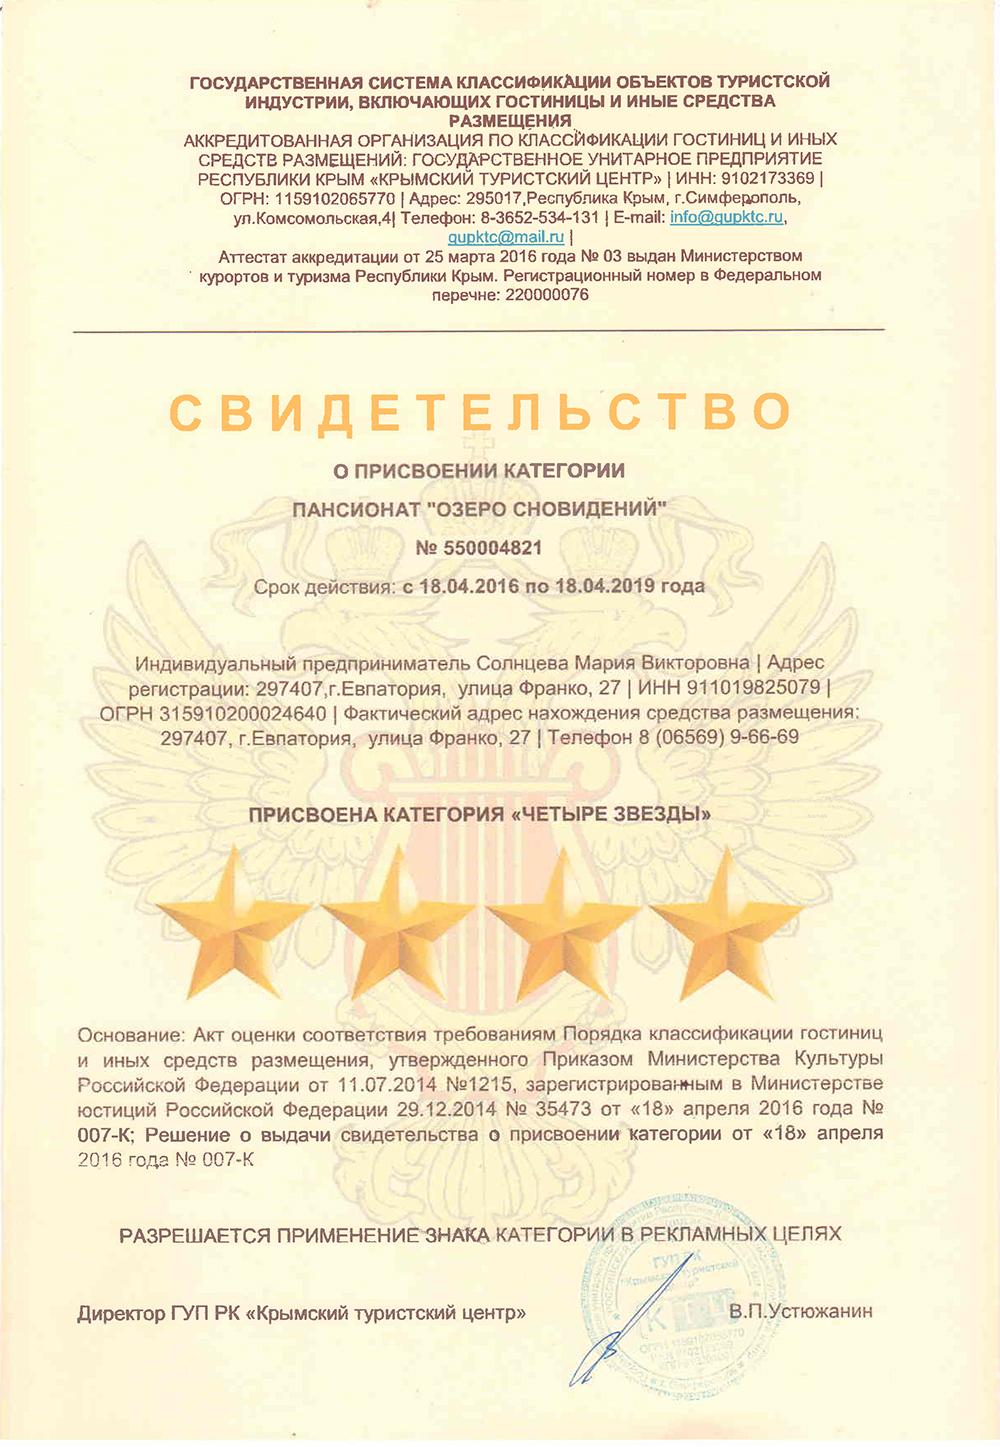 бухгалтерское обслуживание цены красноярск